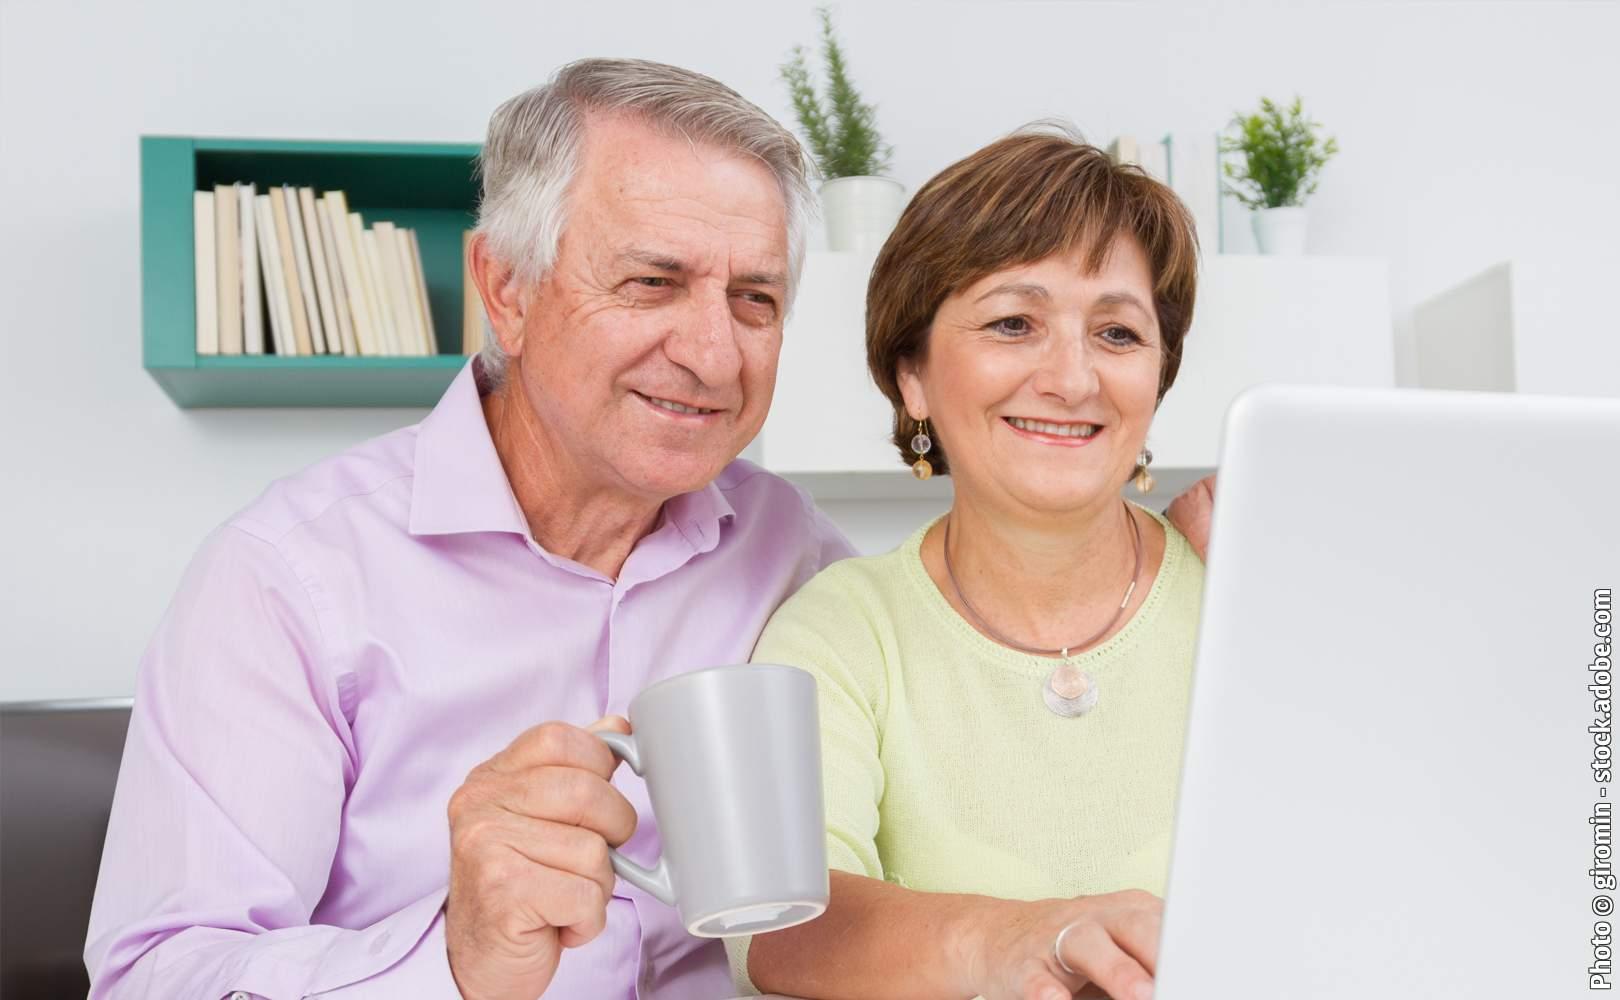 Texas International Mature Dating Online Service